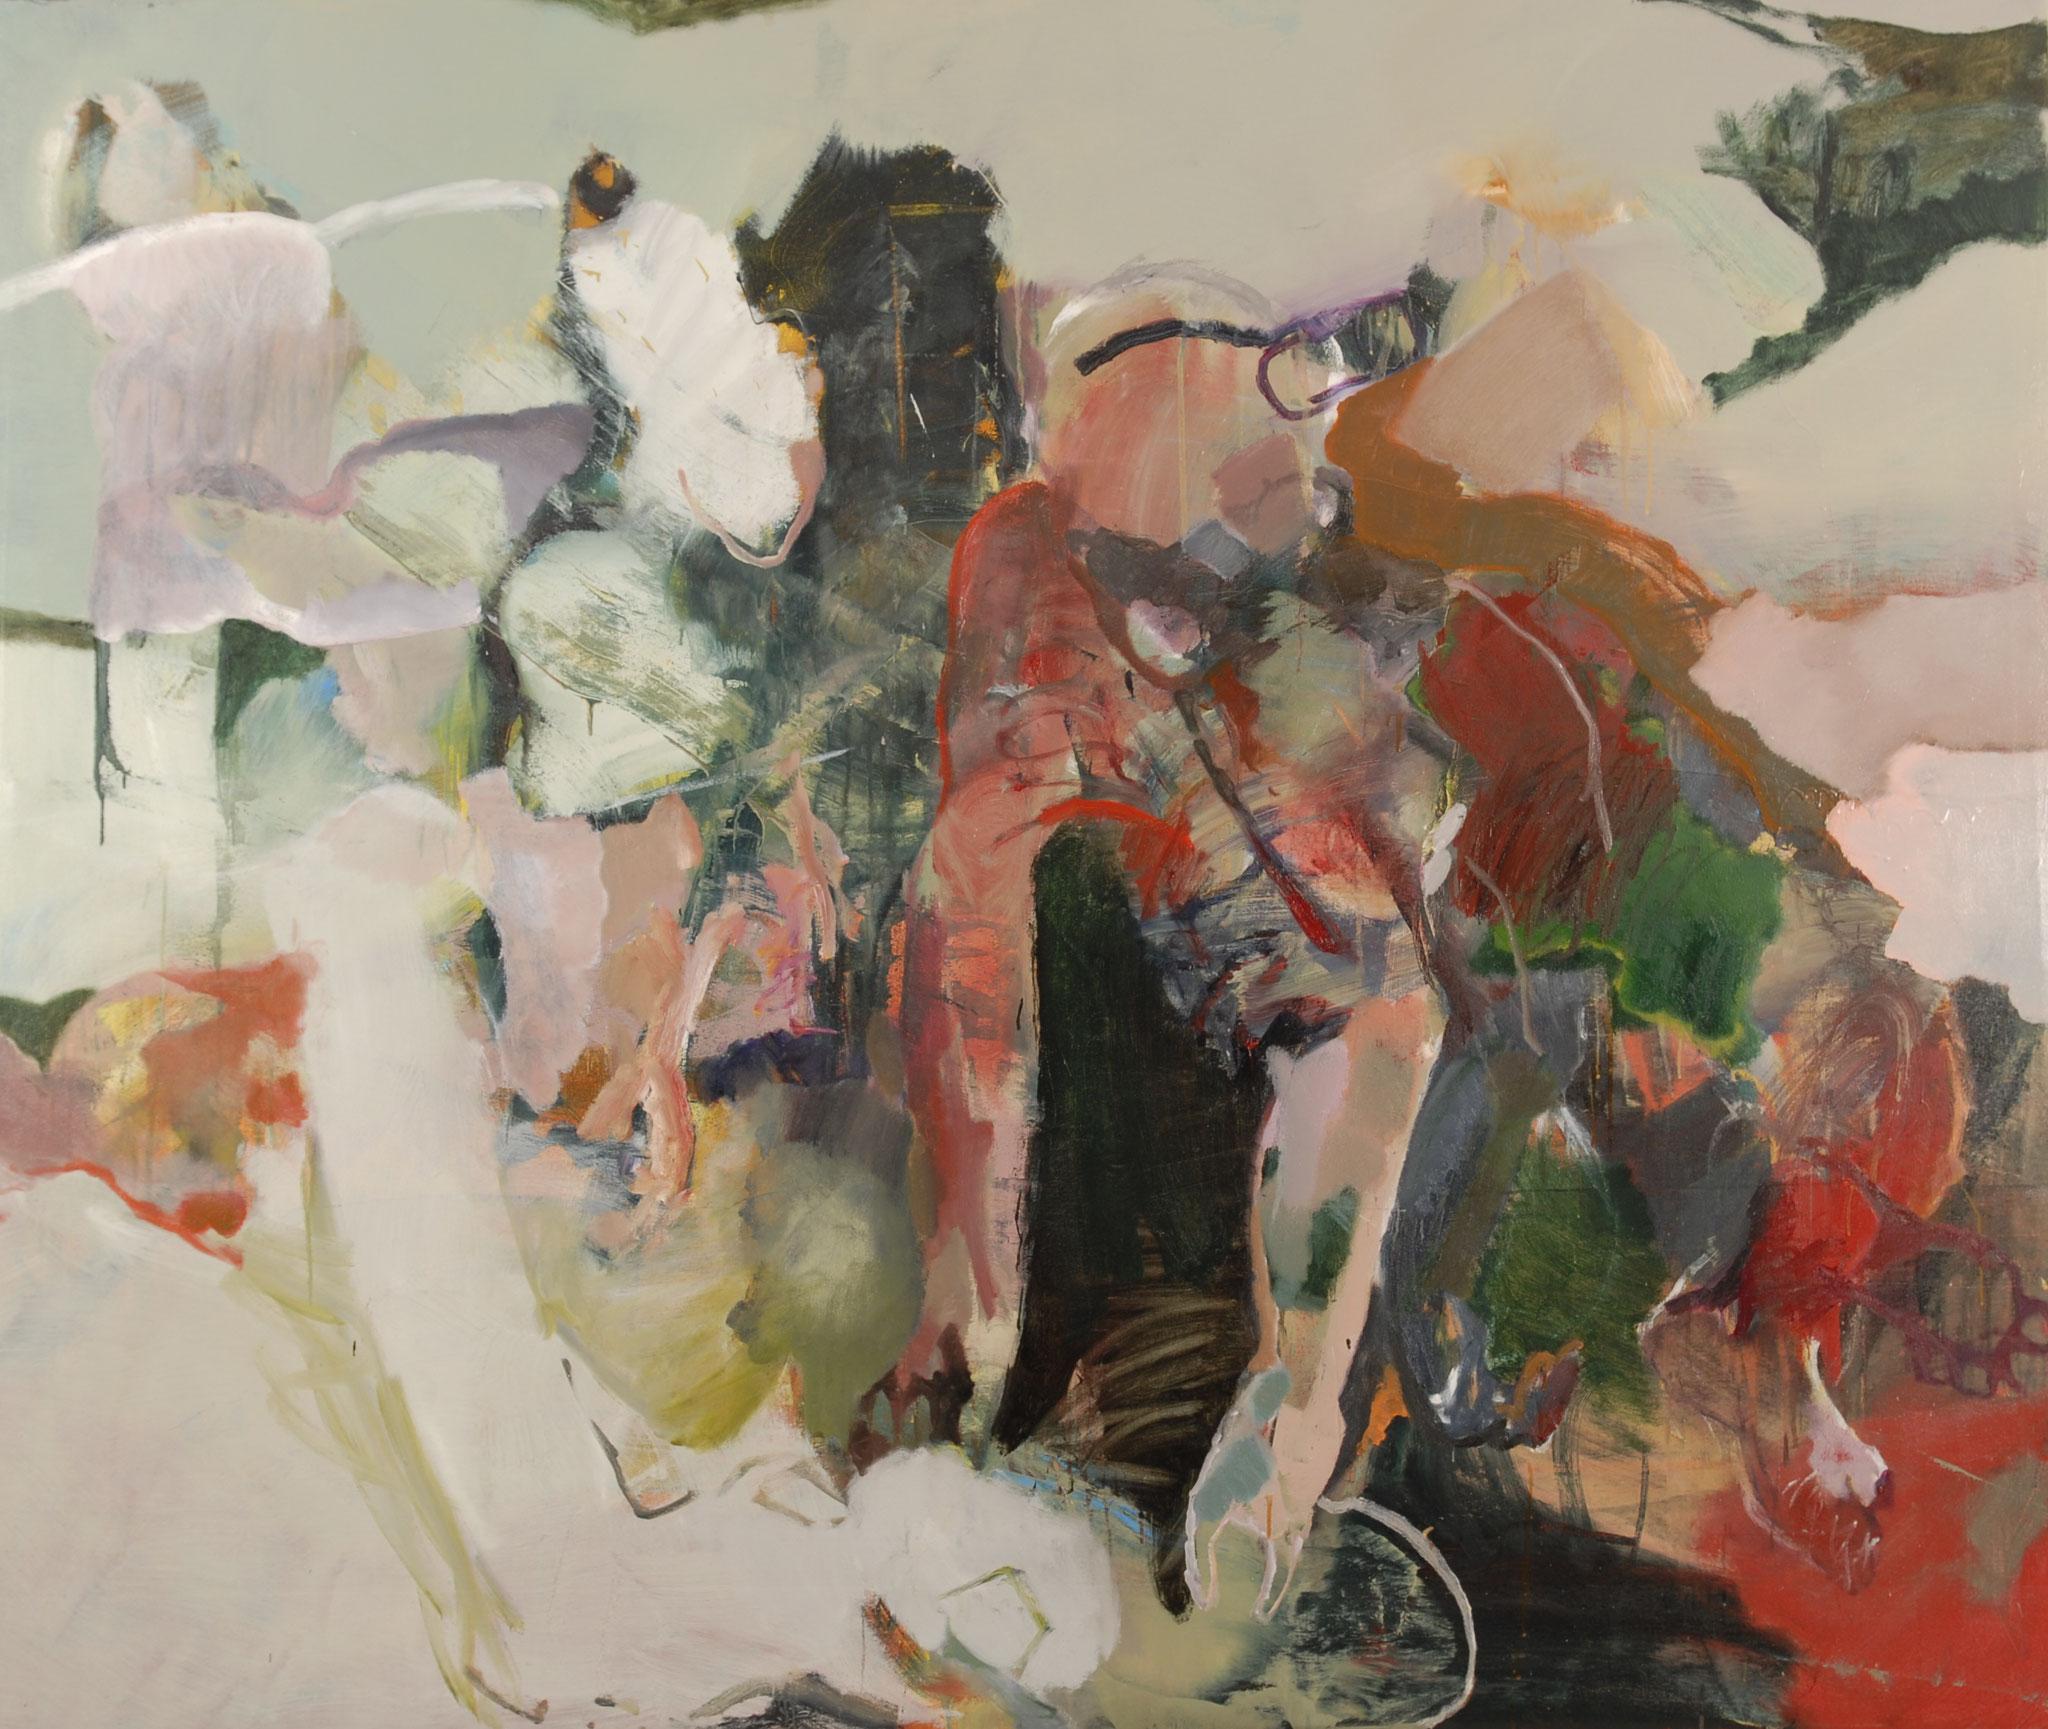 41  |  Ohne Titel   |  2016  |  Öl auf Leinwand  |  130 x 160 cm